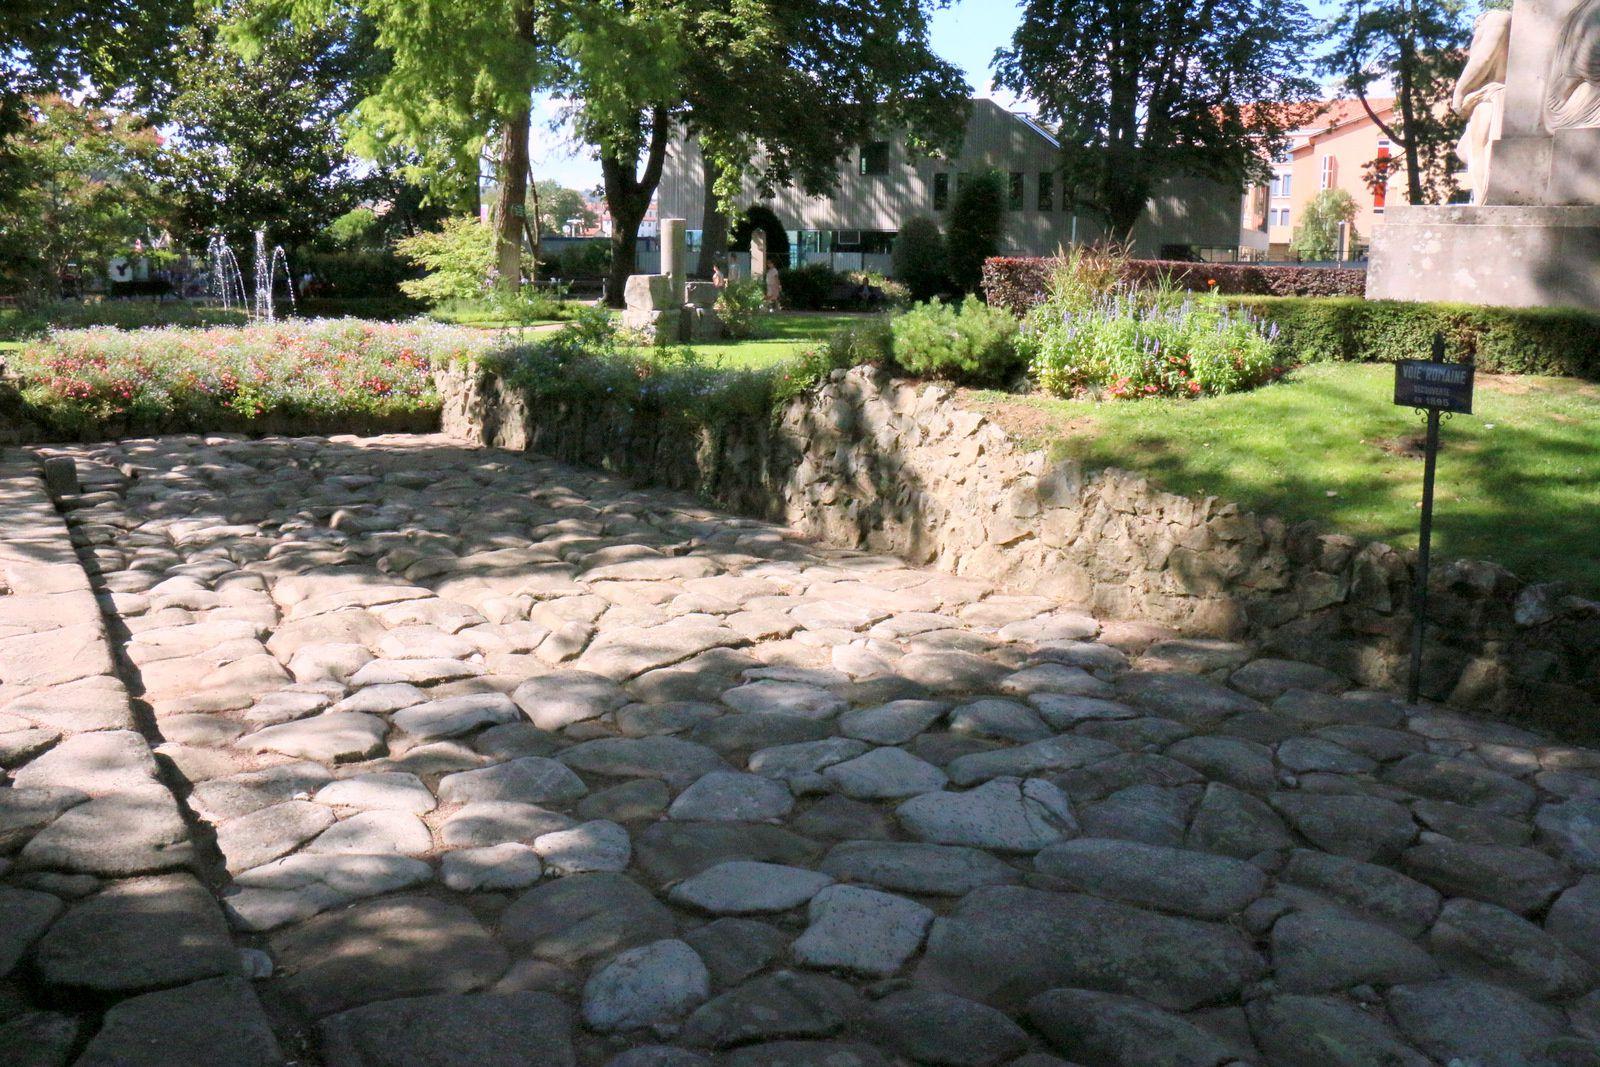 Monument à Michel Servet  et Voie romaine, jardin du 8 mai 1945 à Vienne (Isère)